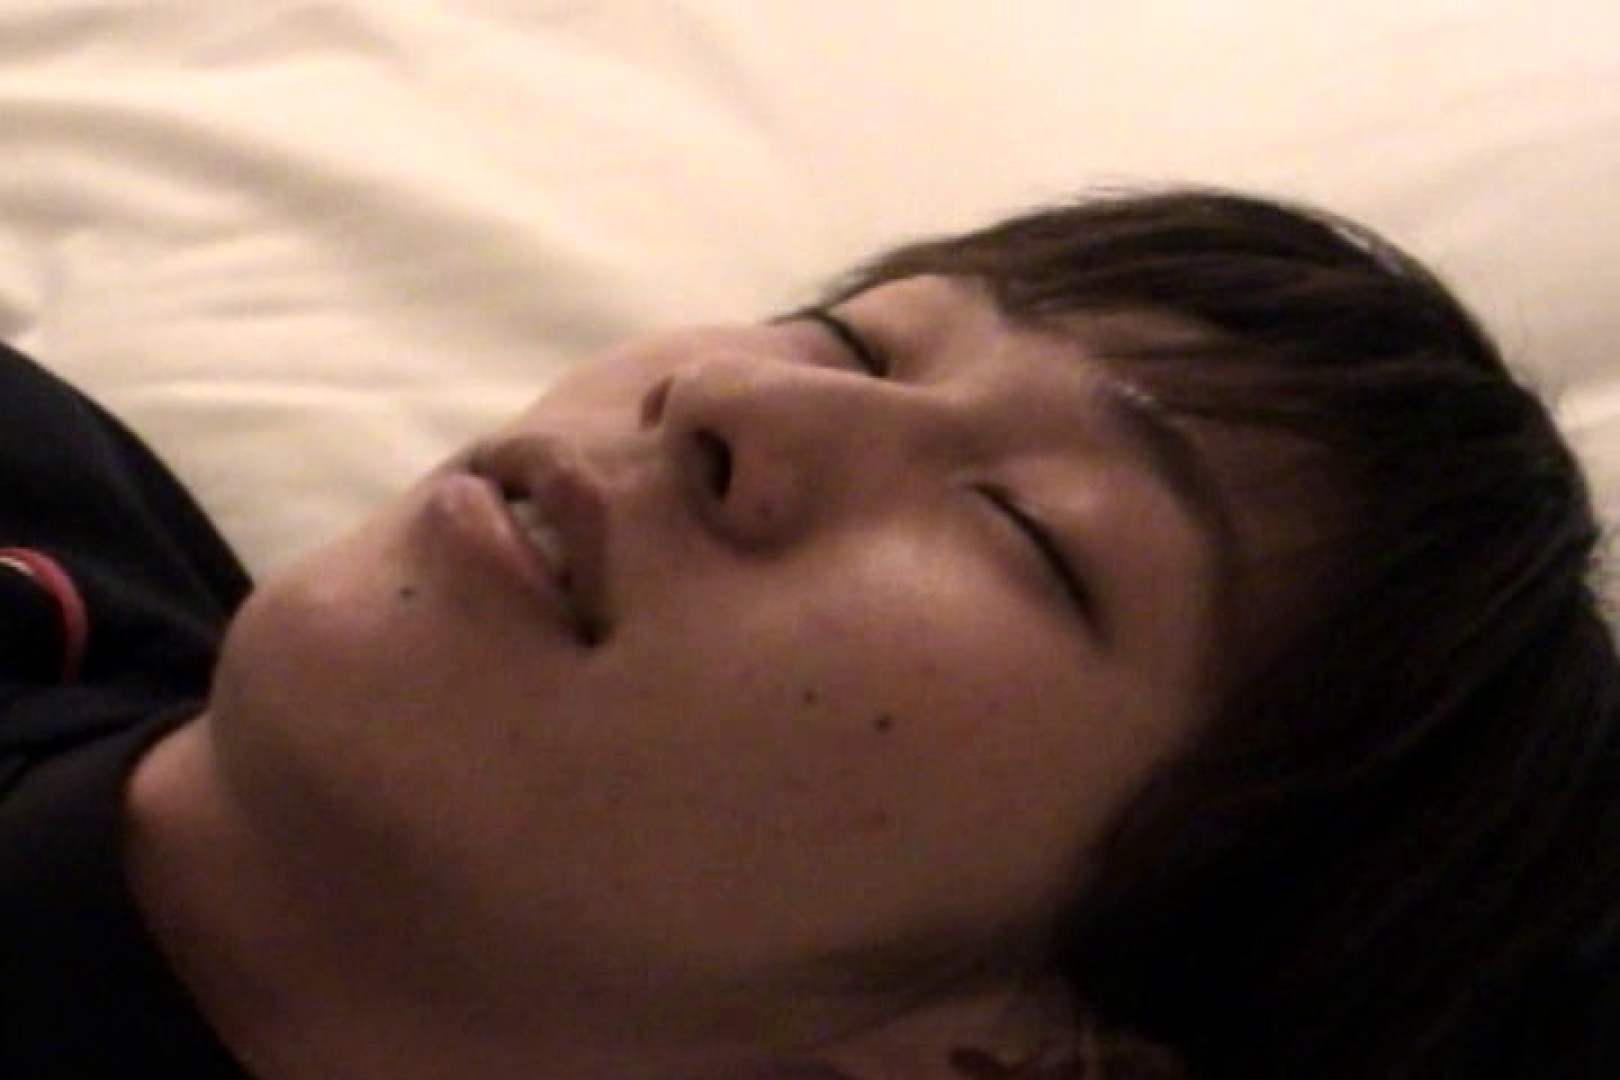 三ツ星シリーズ 魅惑のMemorial Night!! vol.01 ハメ撮り ゲイエロビデオ画像 67枚 55